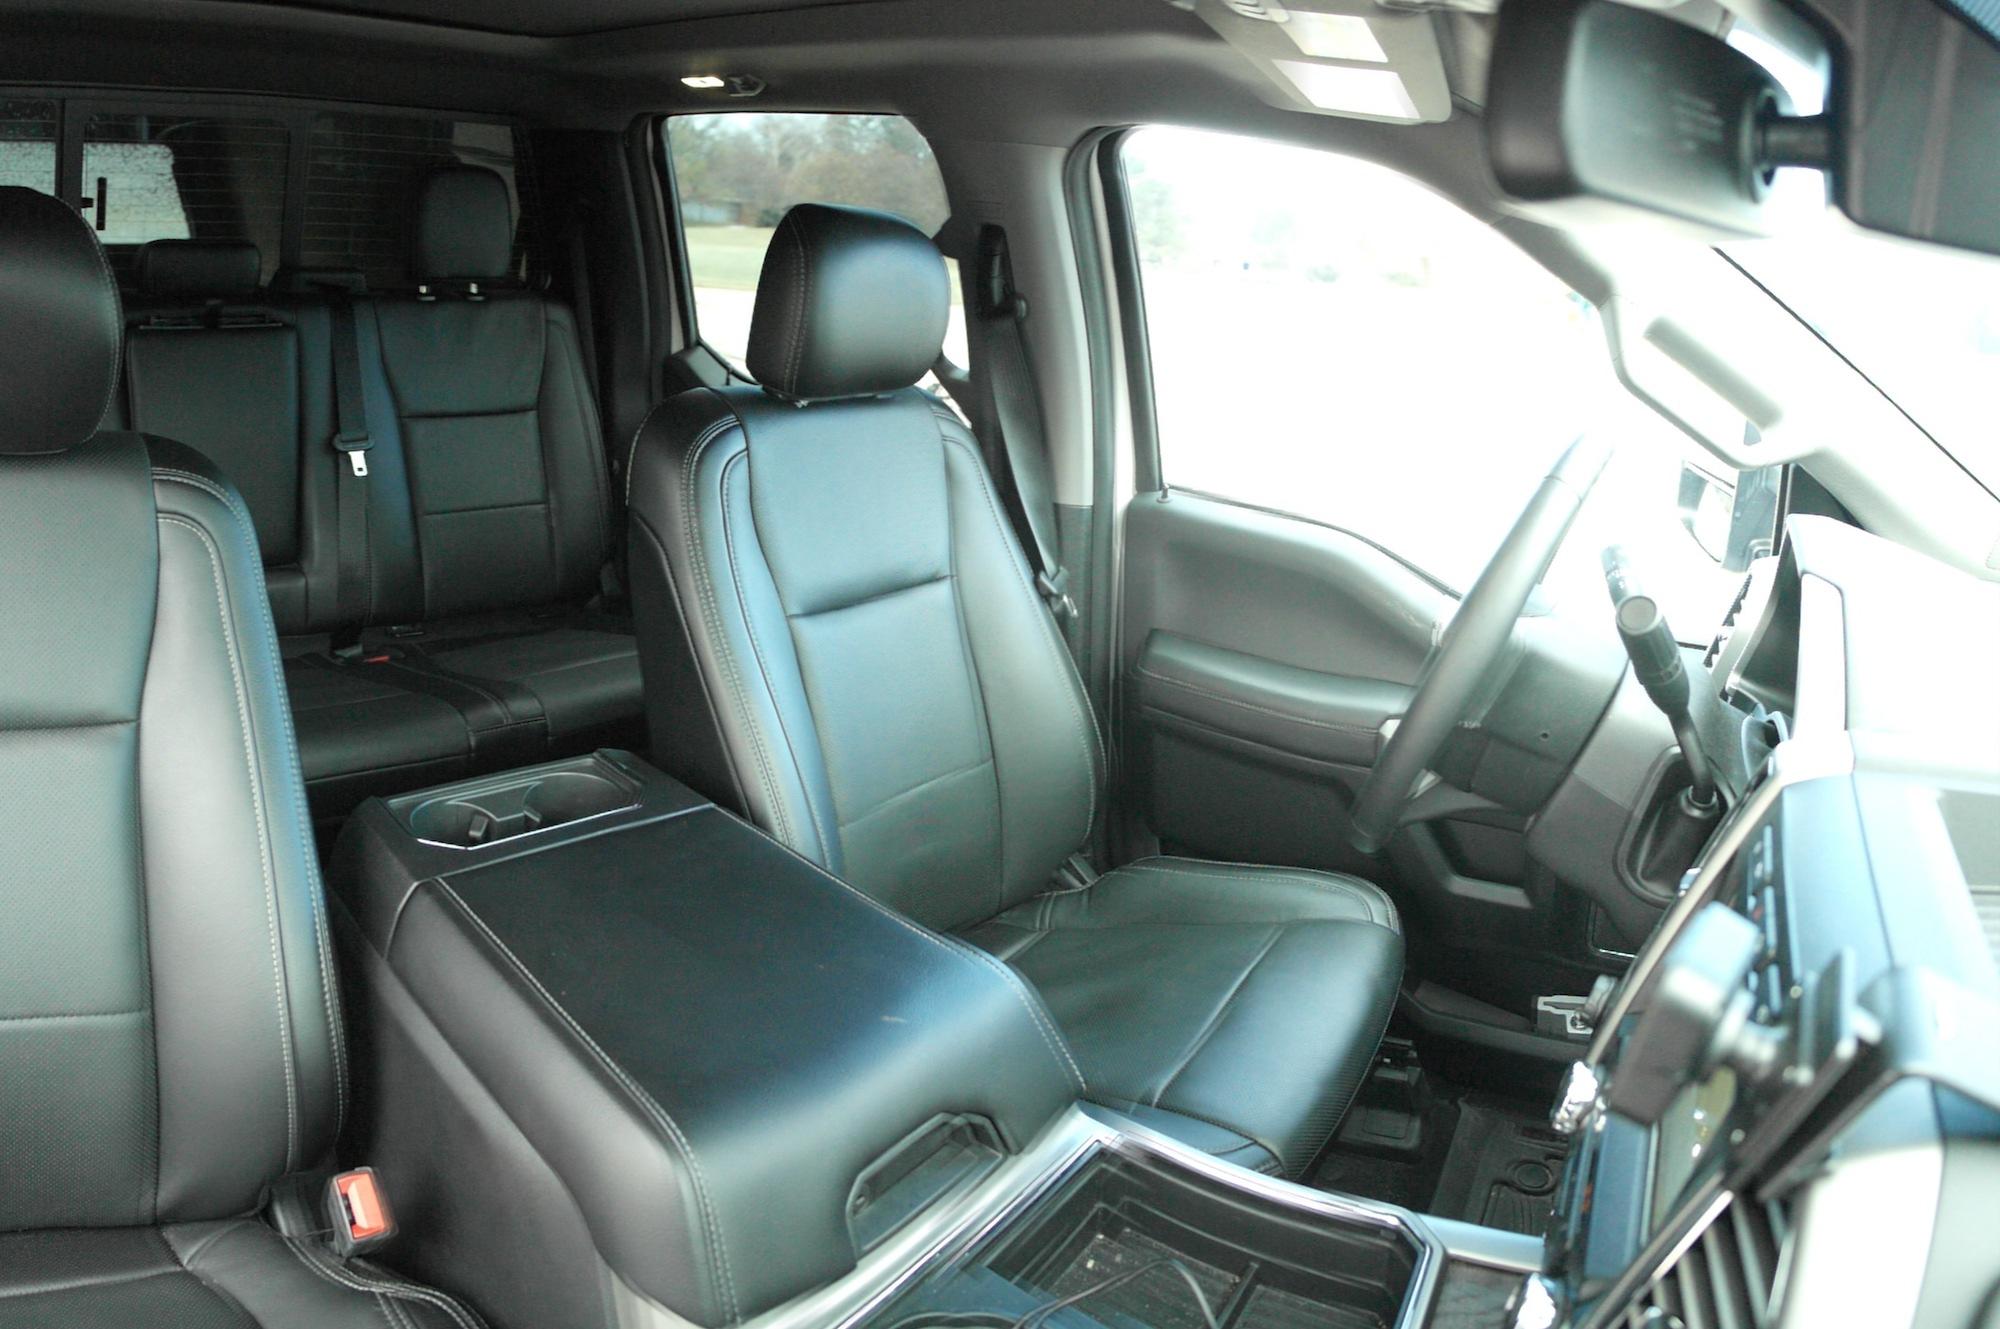 tow vehicle interior